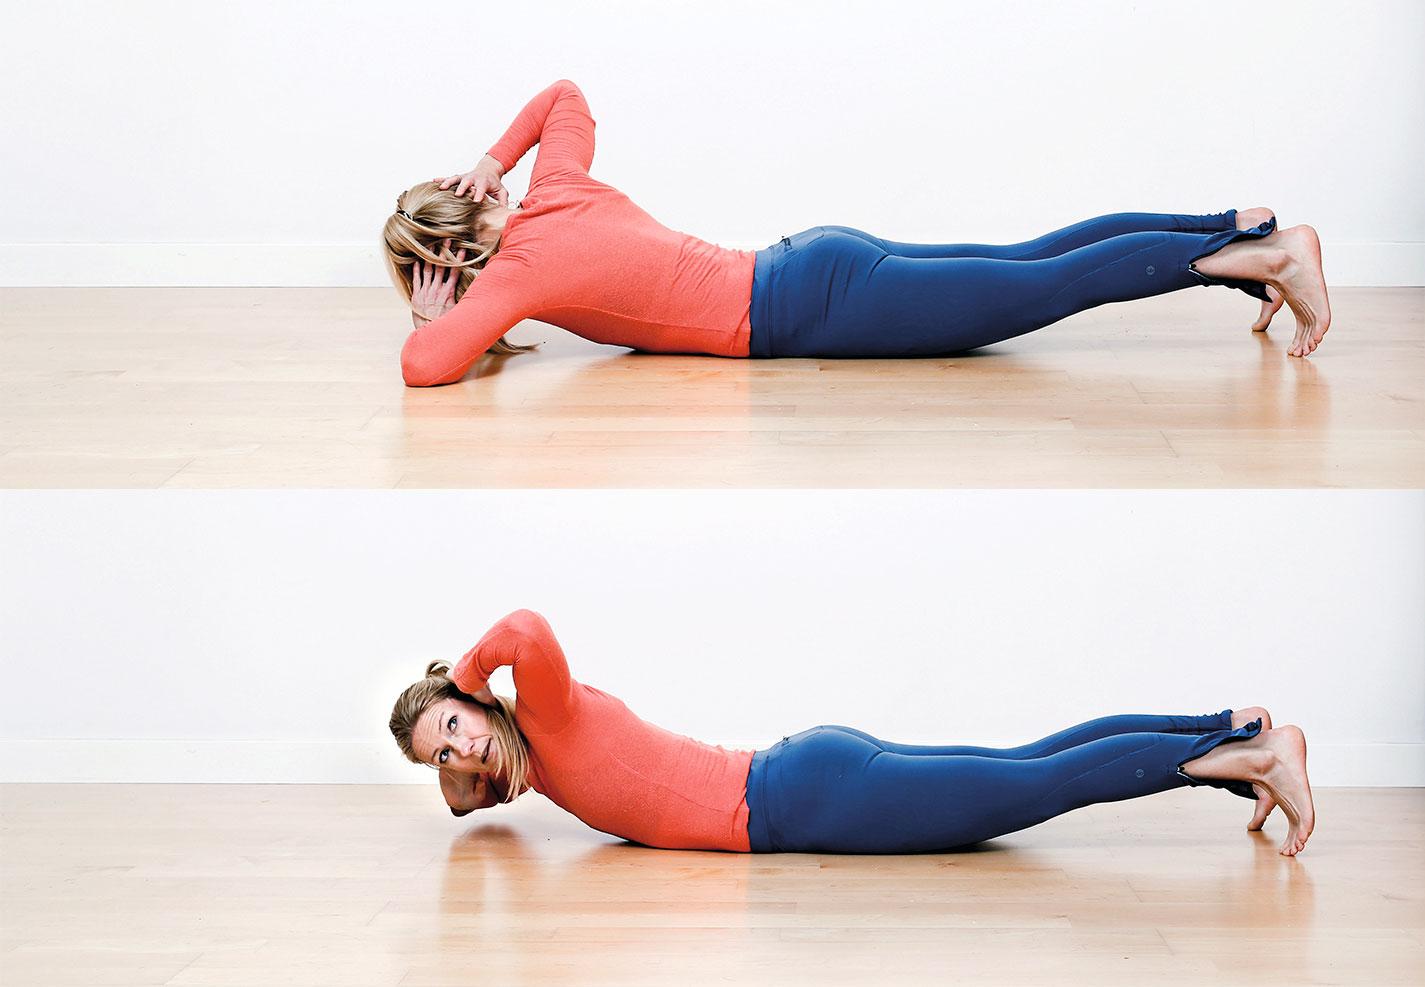 treff eldre vondt i nedre del av magen